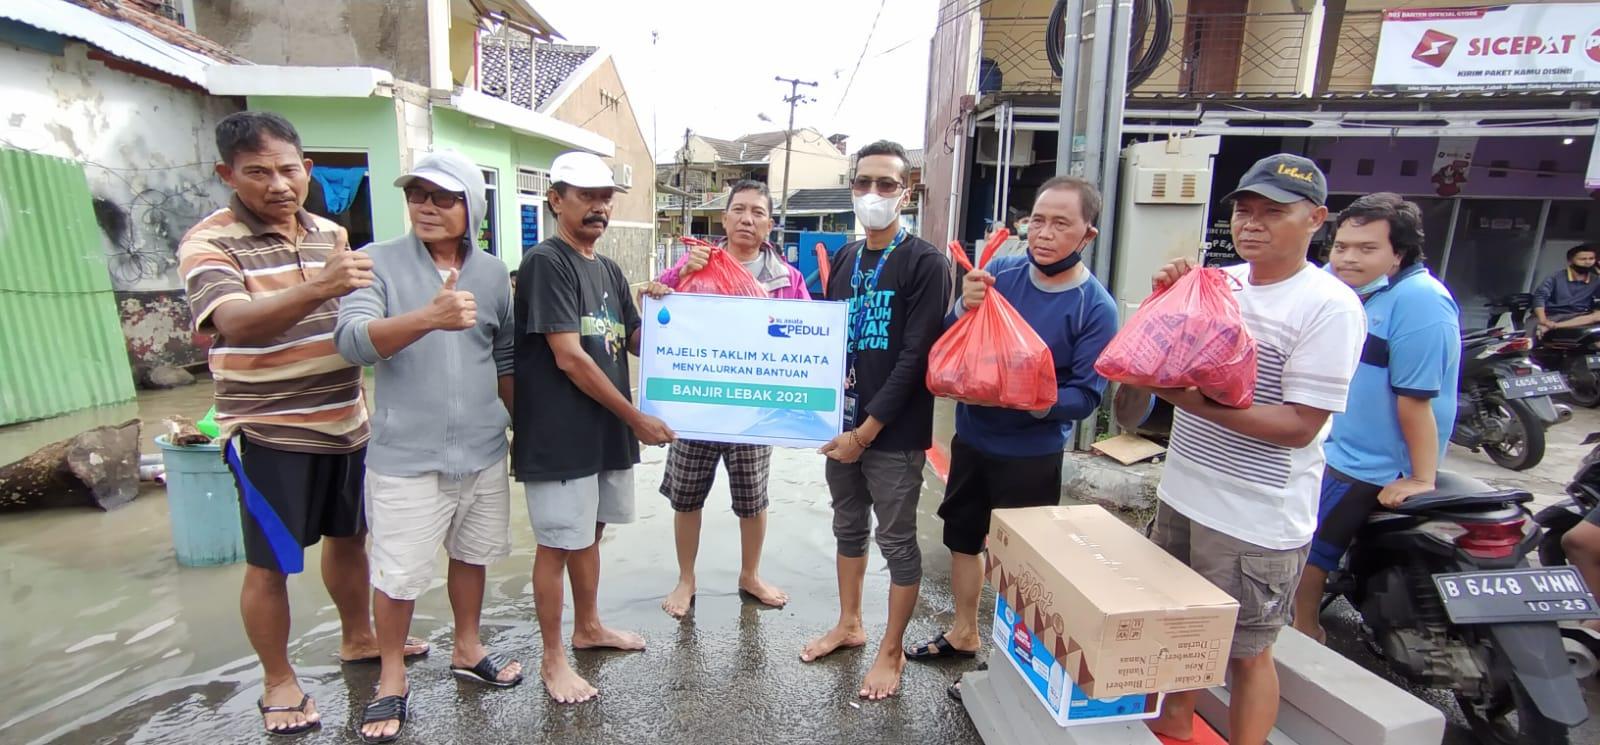 Penyerahan bantuan kepada para korban di lokasi banjir dilakukan secara langsung oleh Perwakilan XL Axiata Jabodetabek kepada aparat lingkungan setempat di Kampung Barangbang, Rangkasbitung, Selasa (14/9/2021). Foto : HO.